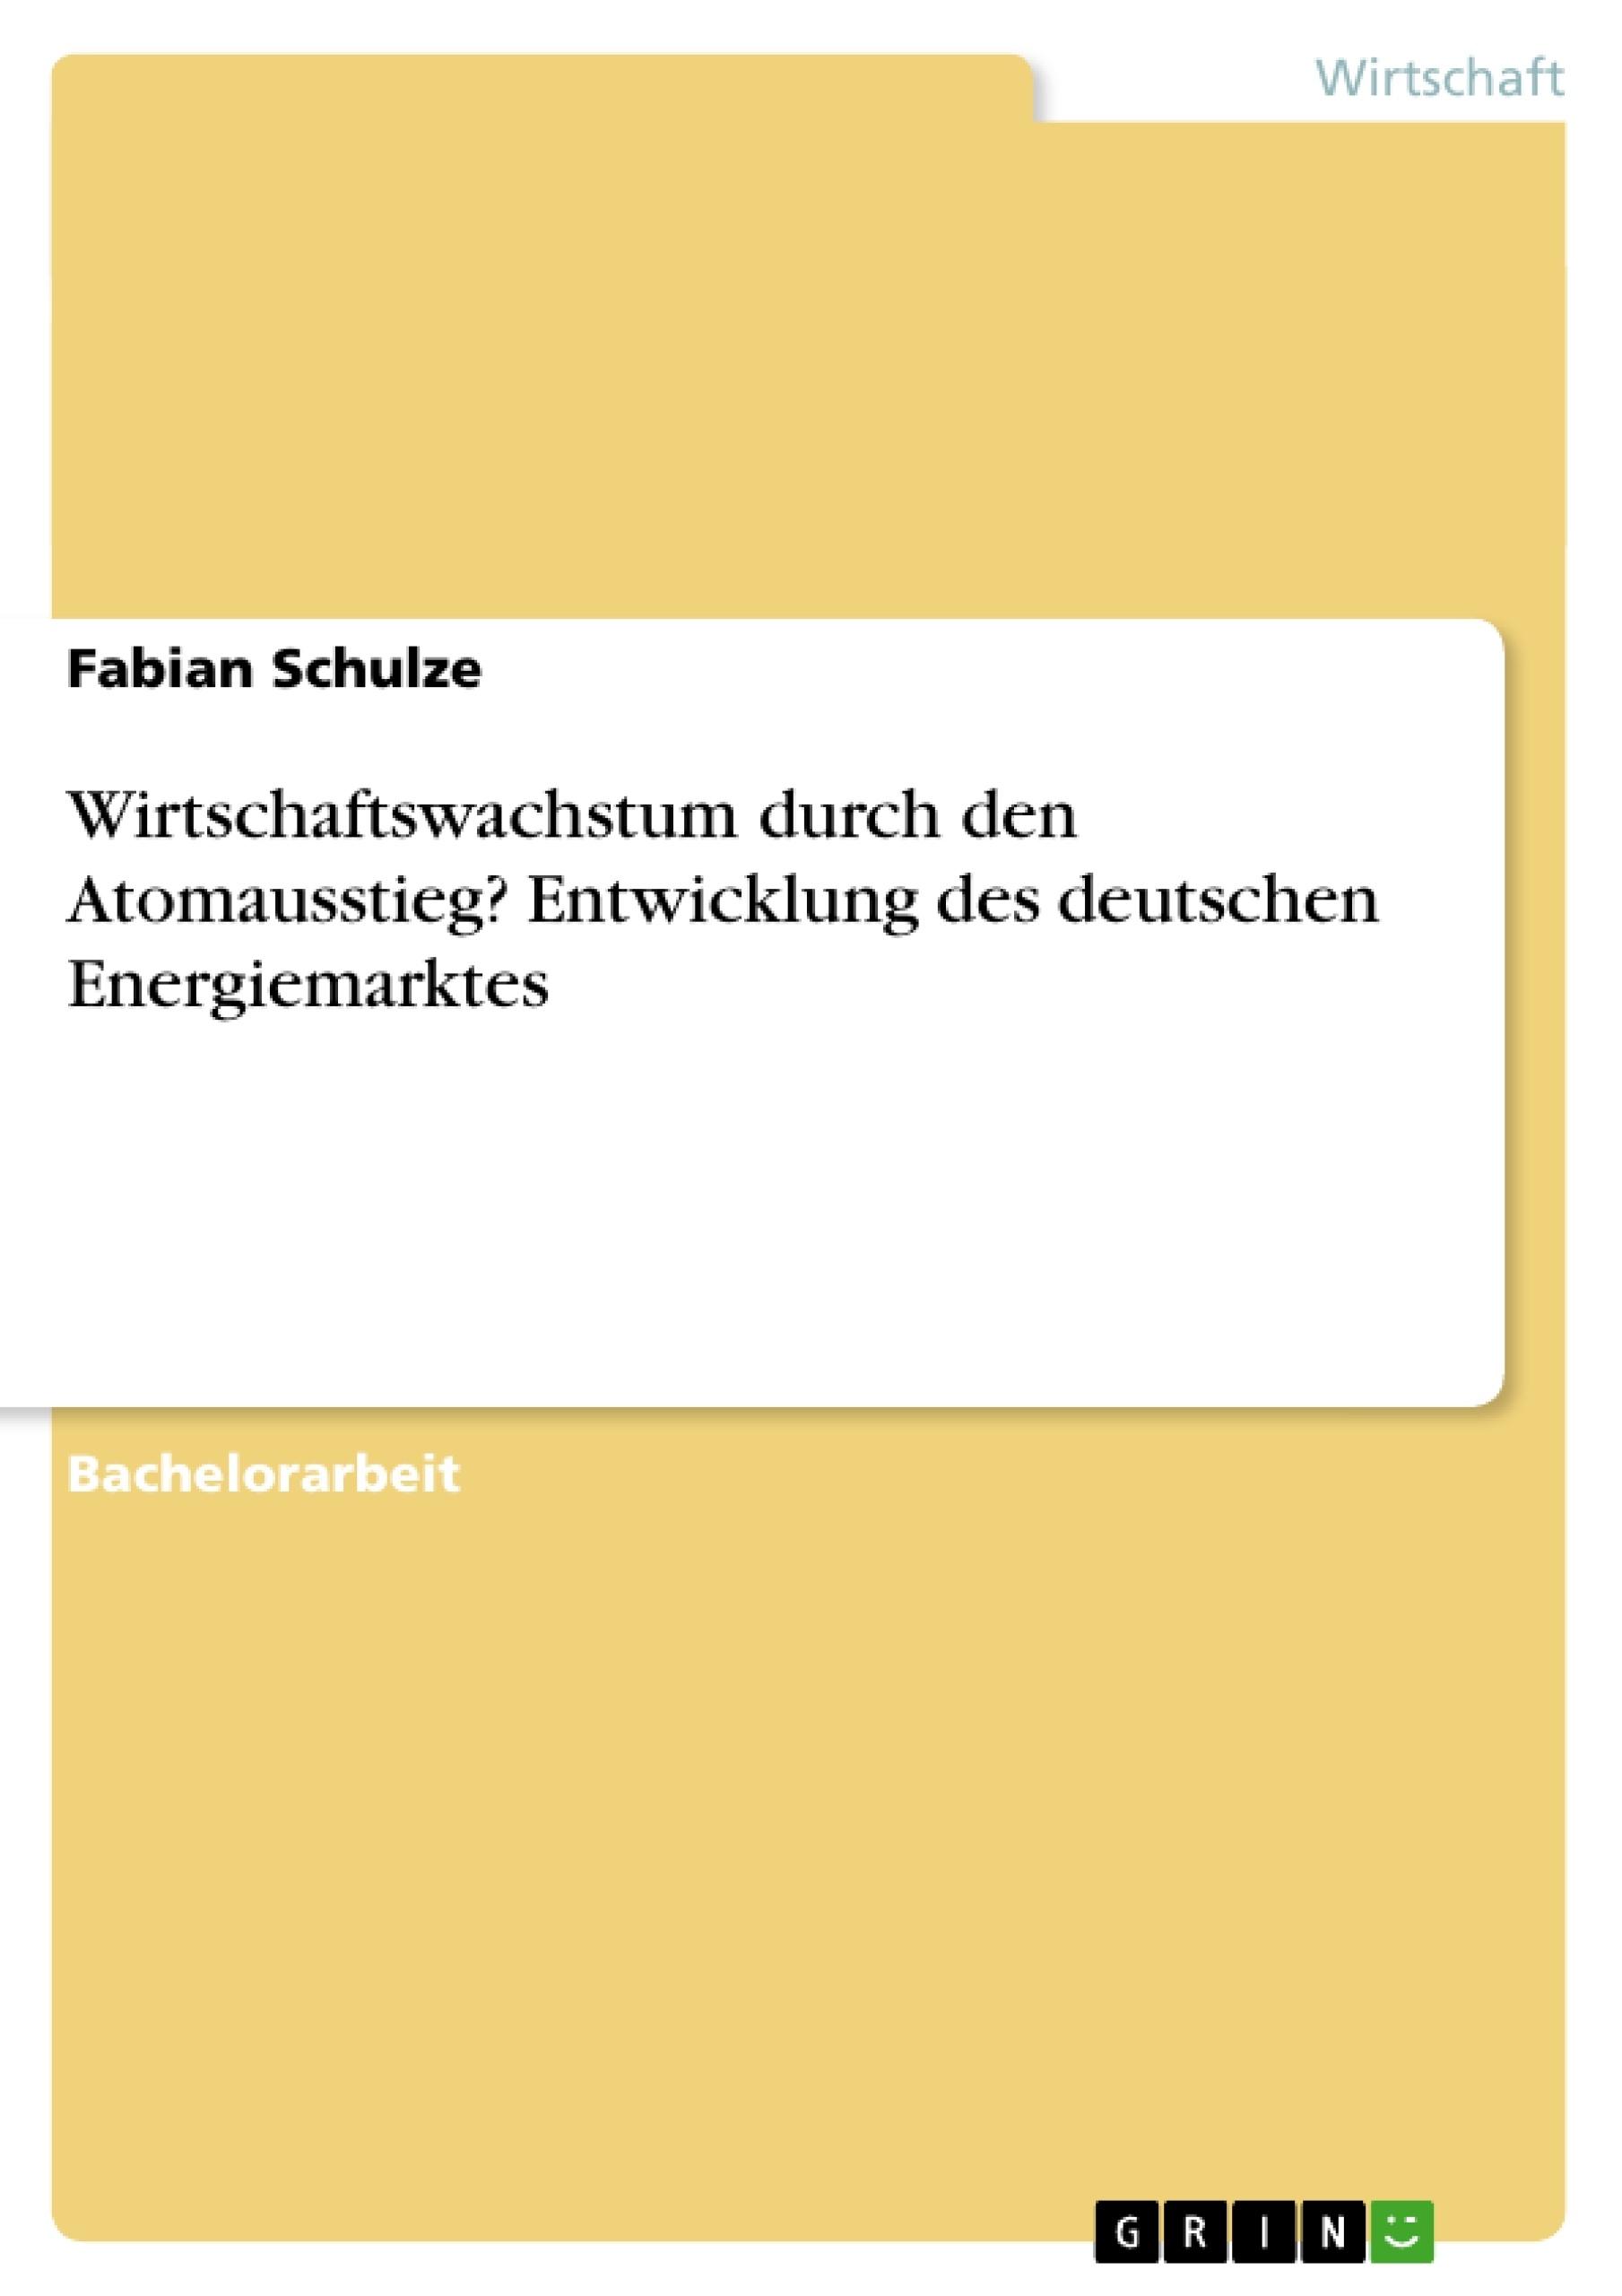 Titel: Wirtschaftswachstum durch den Atomausstieg? Entwicklung des deutschen Energiemarktes